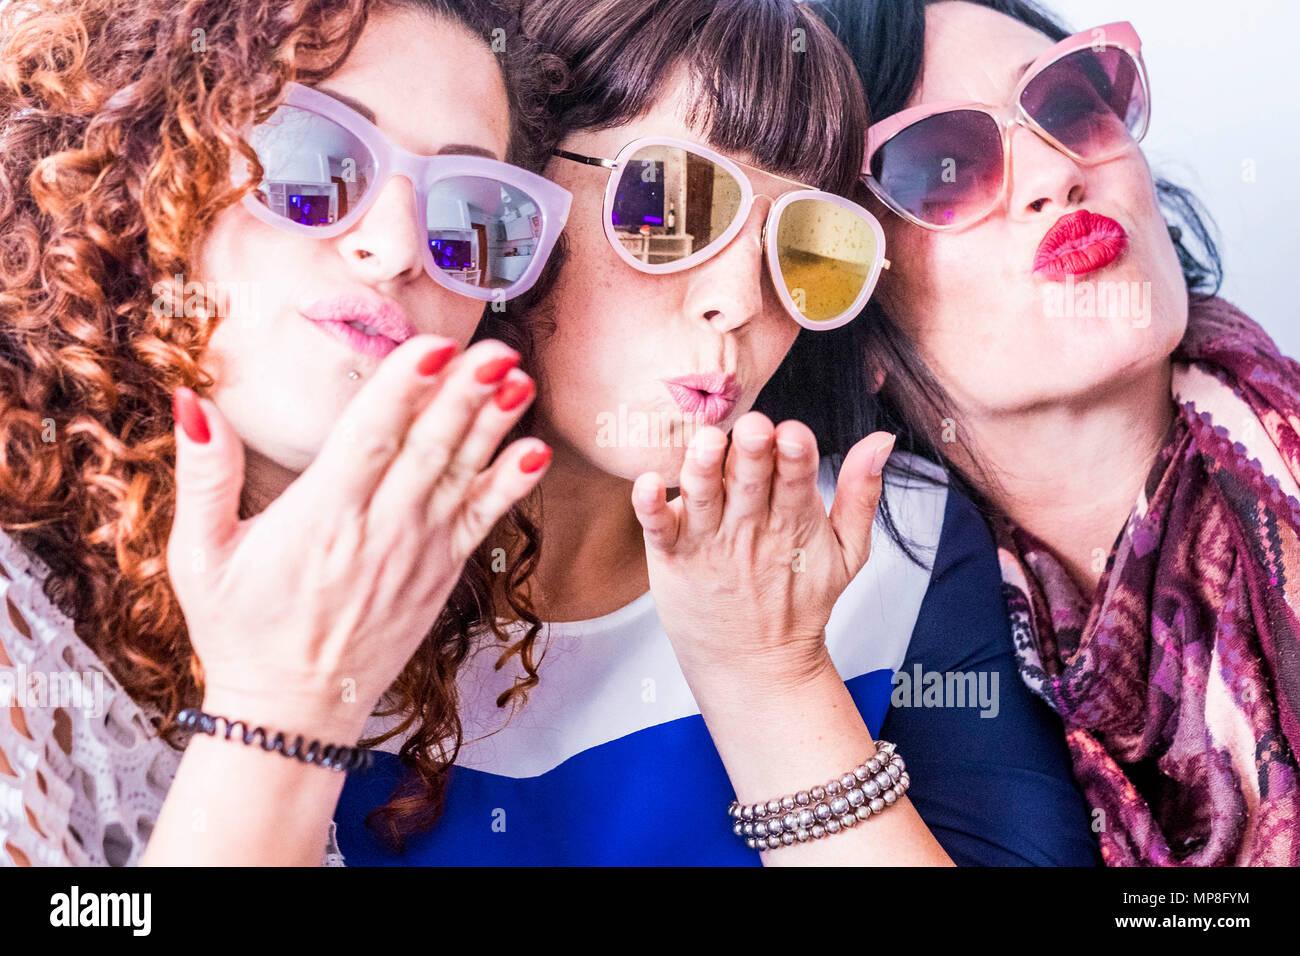 Tres jóvenes caucásicos gracioso loca hacer una fiesta con coloridas gafas de sol. Enviar un beso y divertirse juntos en una amistad real de un grupo de personas. Foto de stock